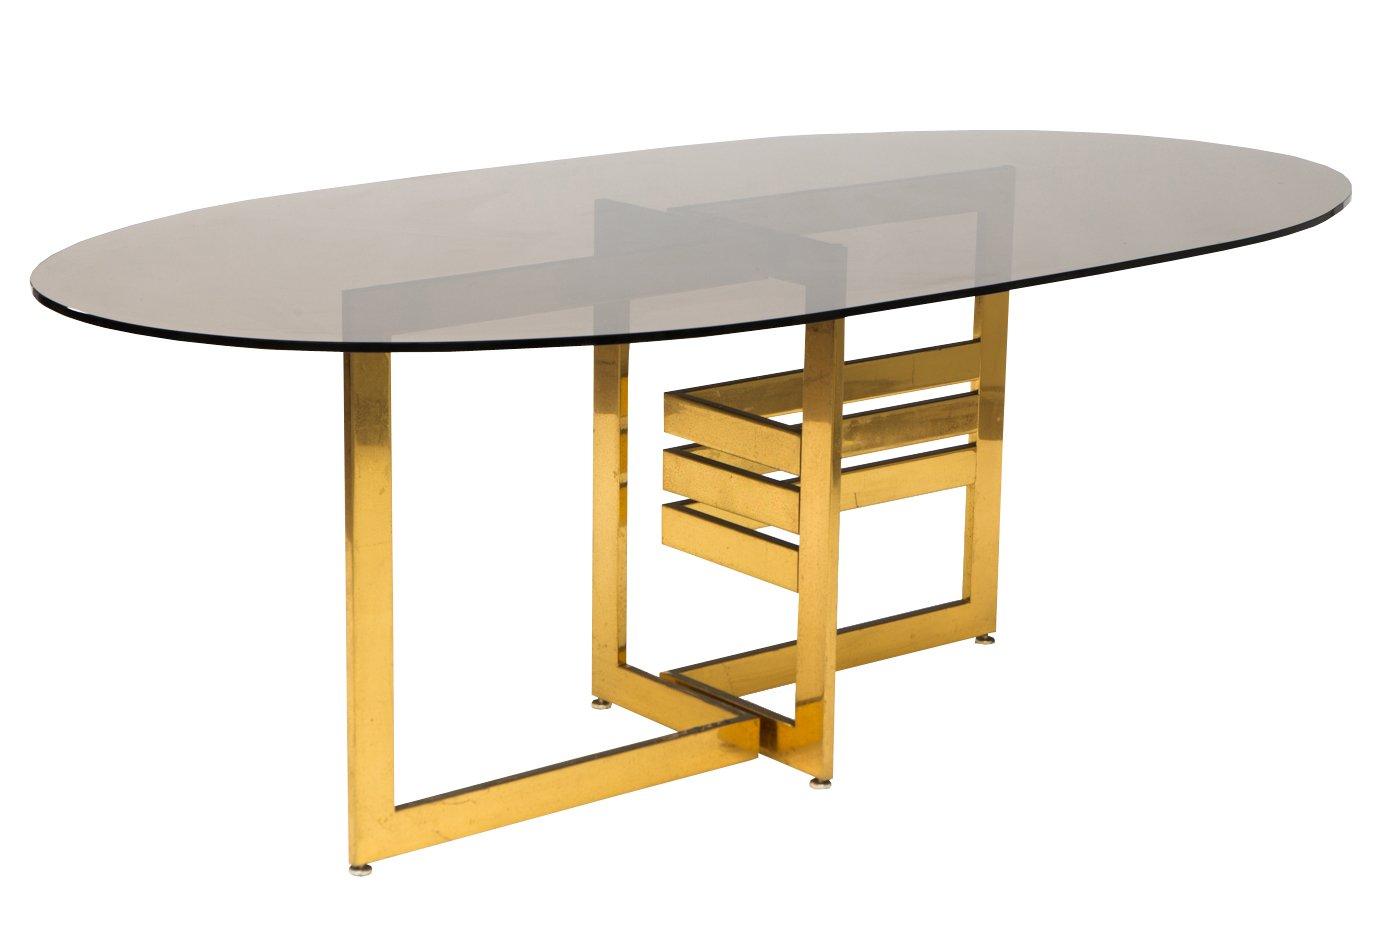 italienisches esszimmerset mit tisch und freischwebenden st hlen von cidue italy 1960er 7er. Black Bedroom Furniture Sets. Home Design Ideas